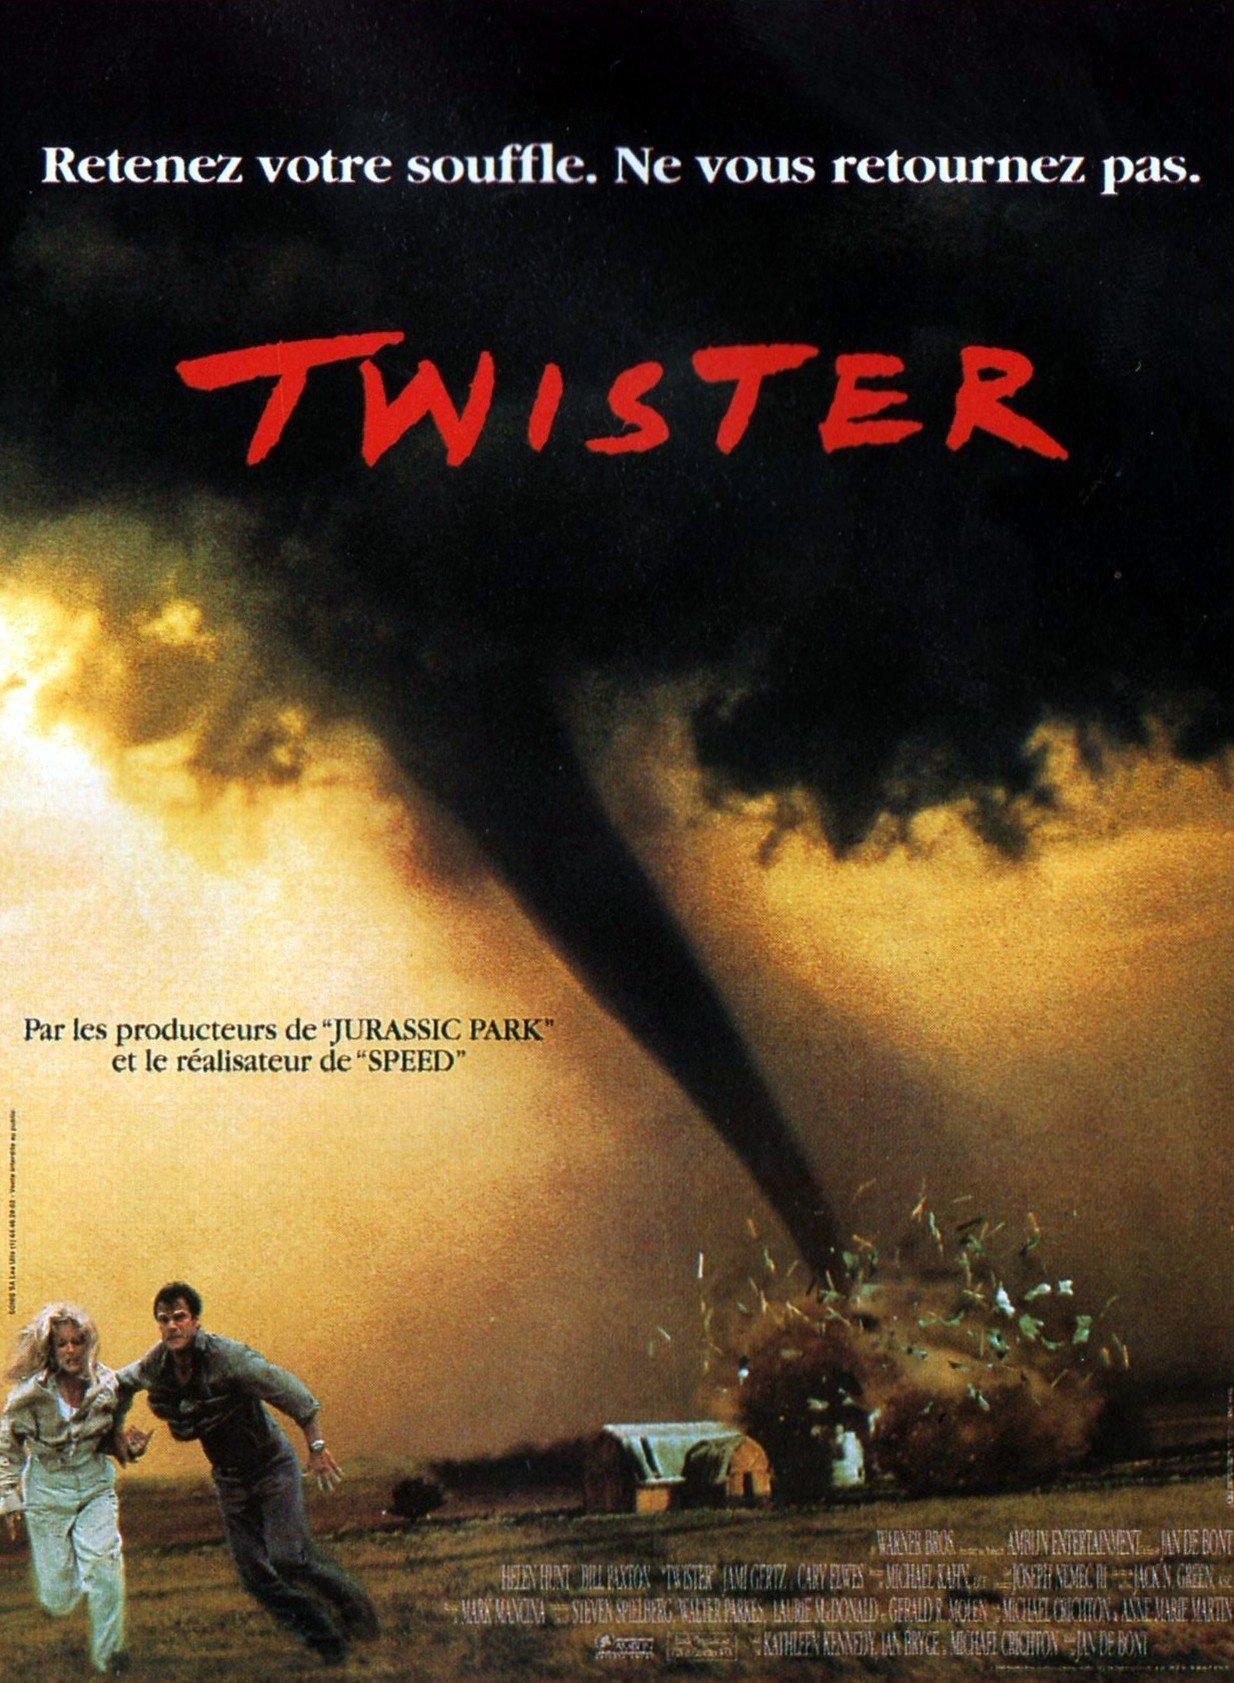 affiche du film Twister